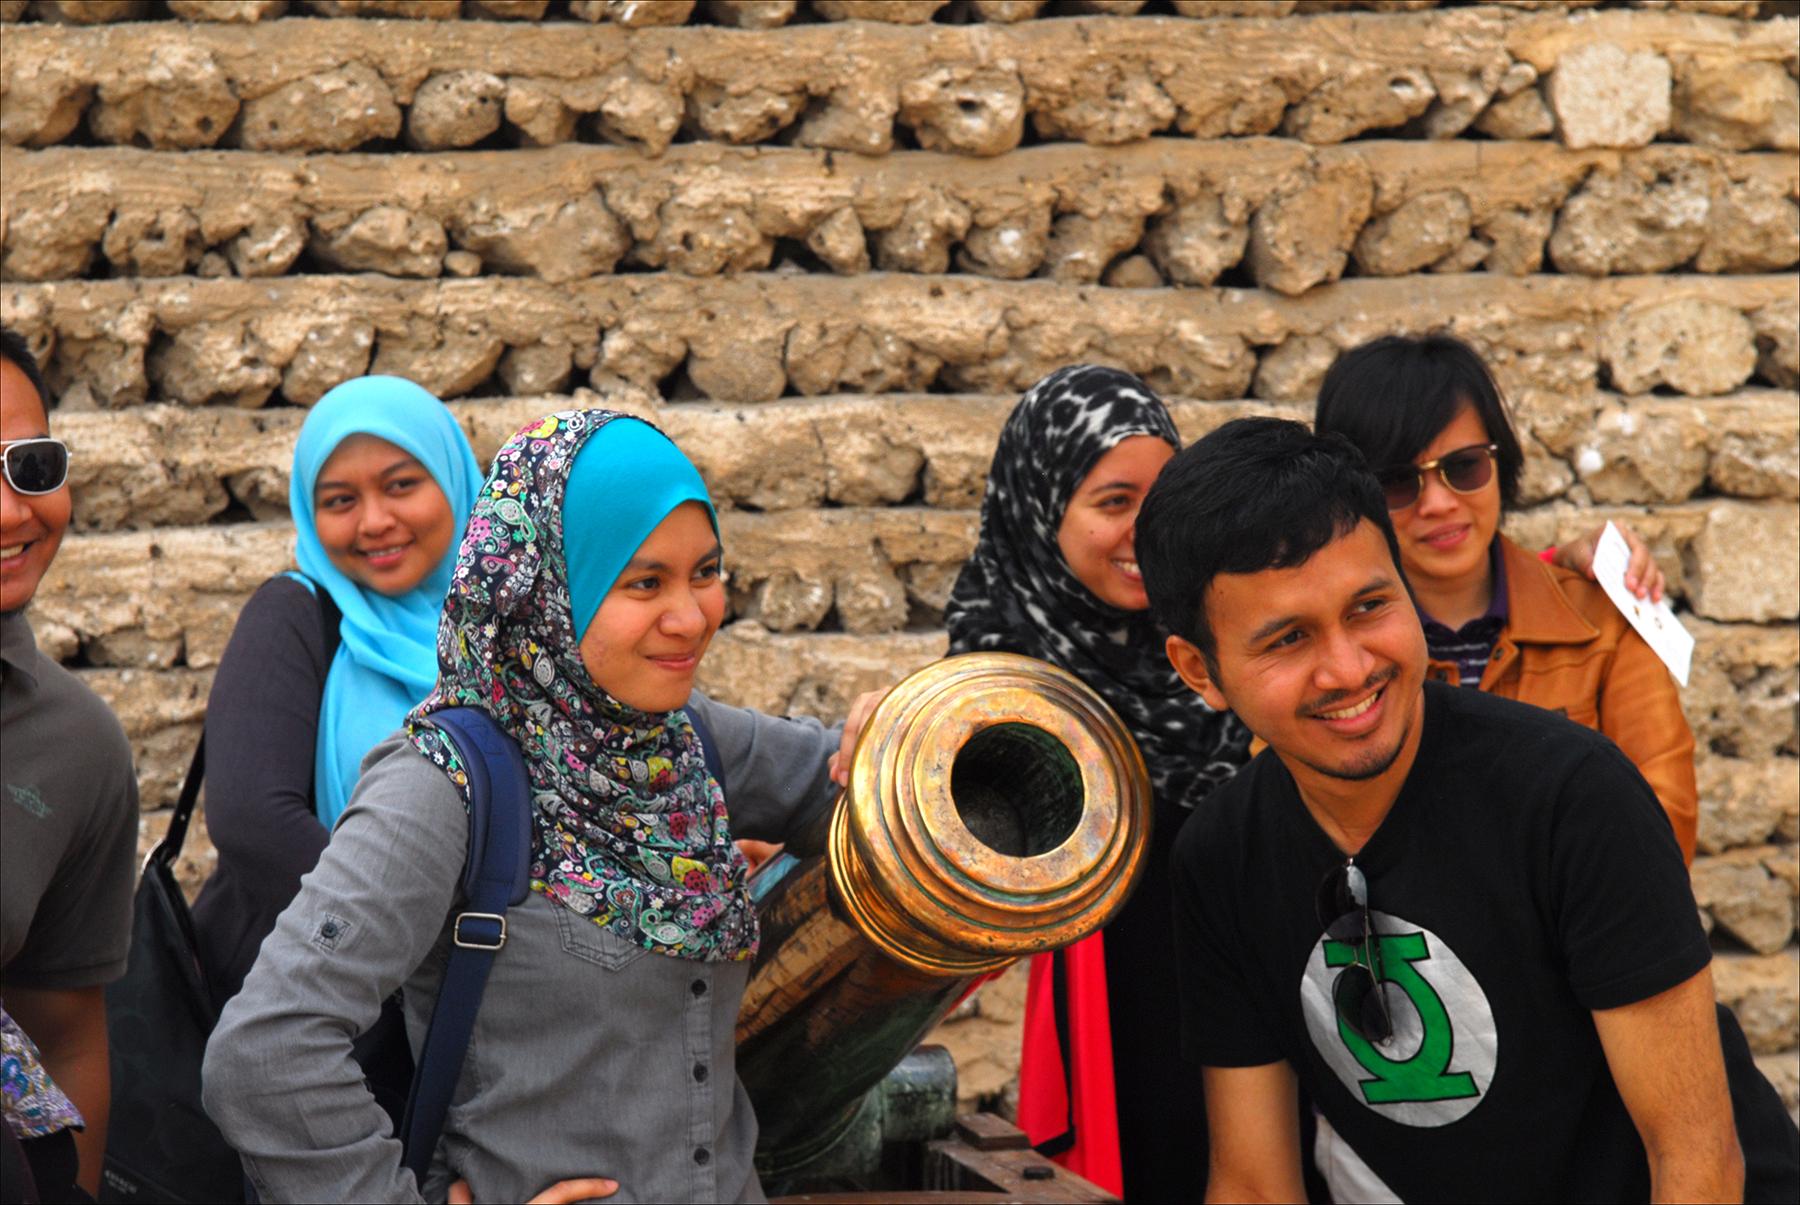 Escort girls in Umm al Qaywayn